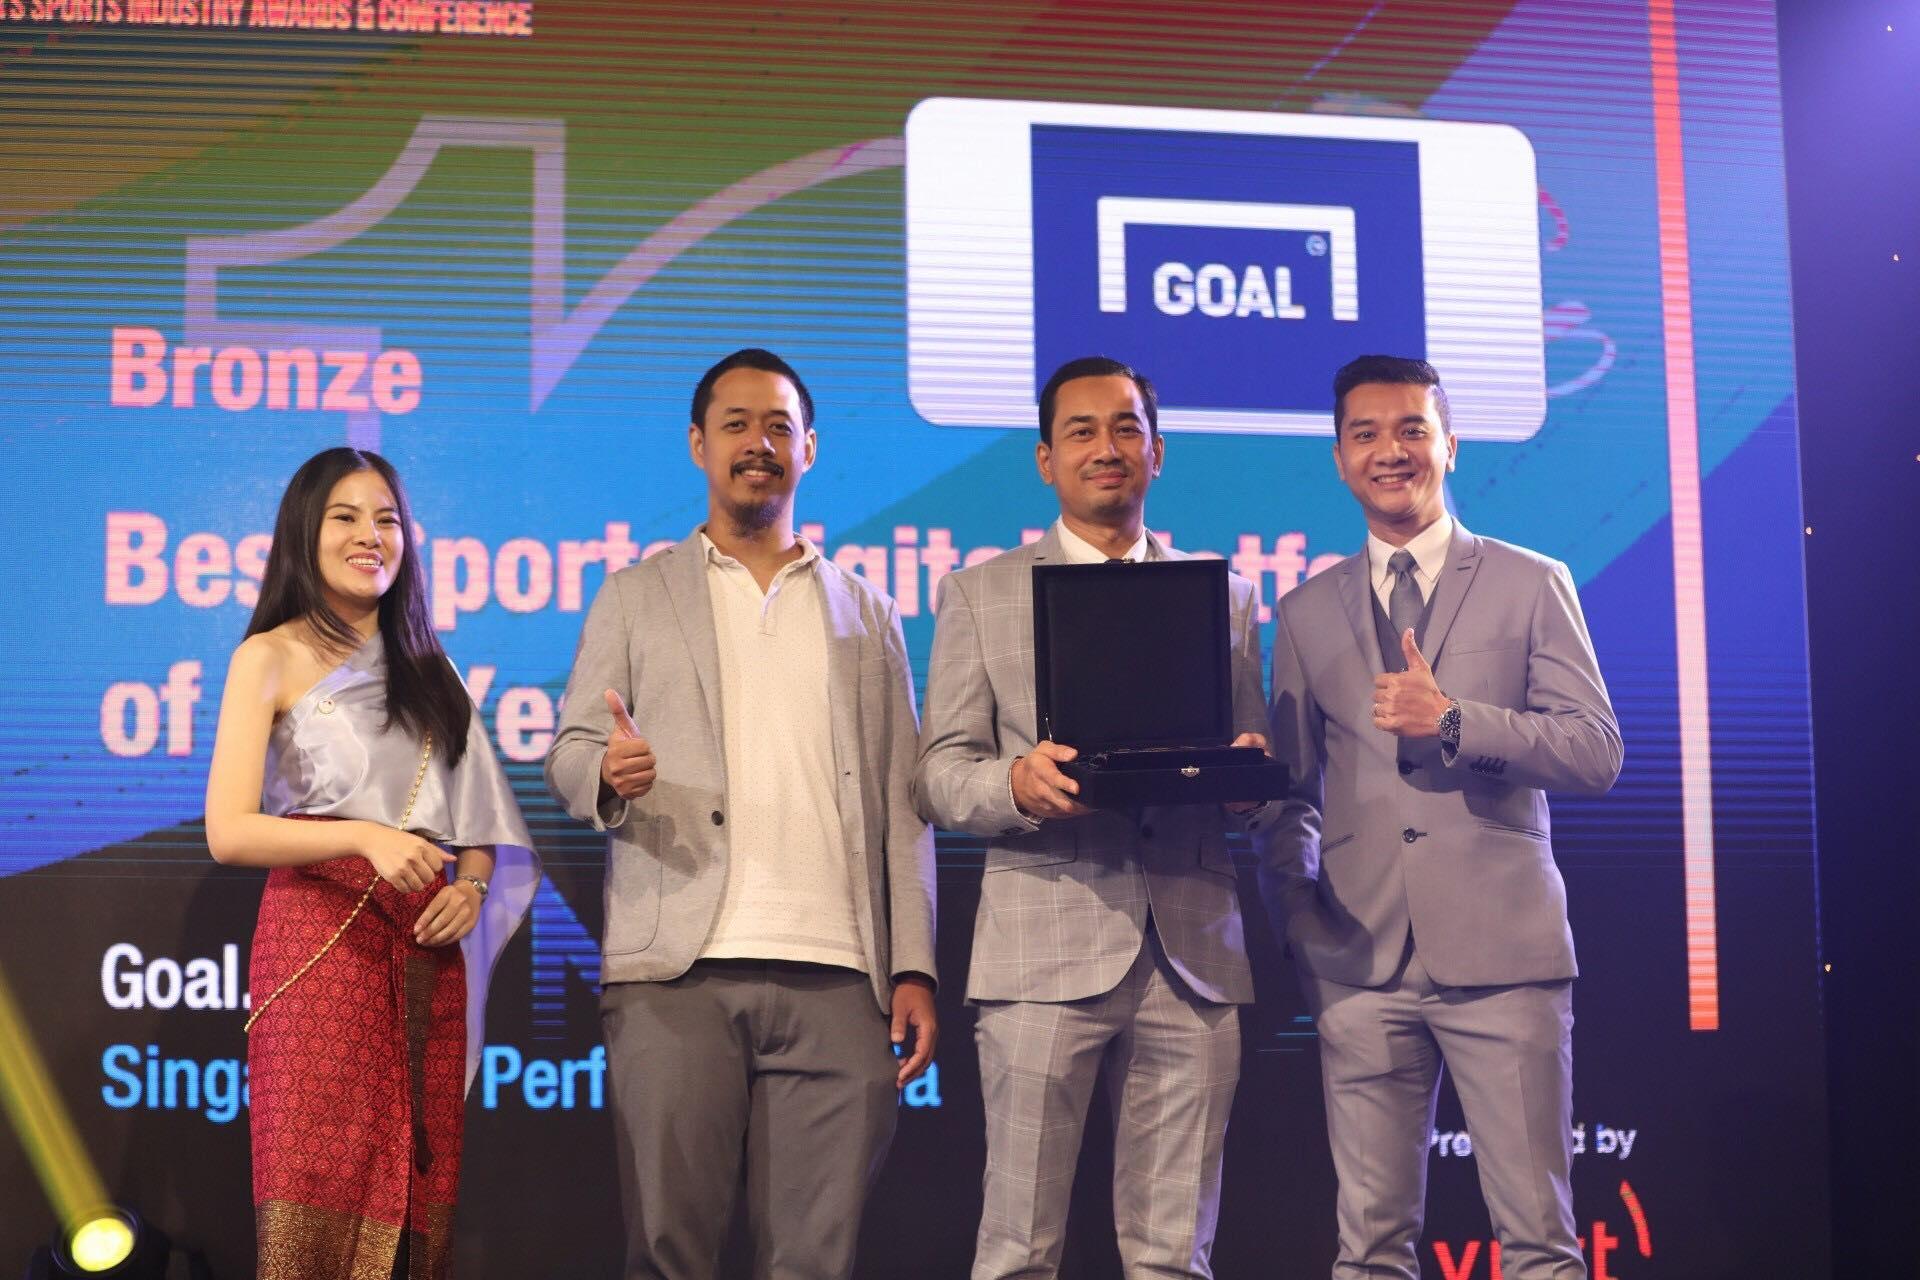 Goal - SPIA 2018